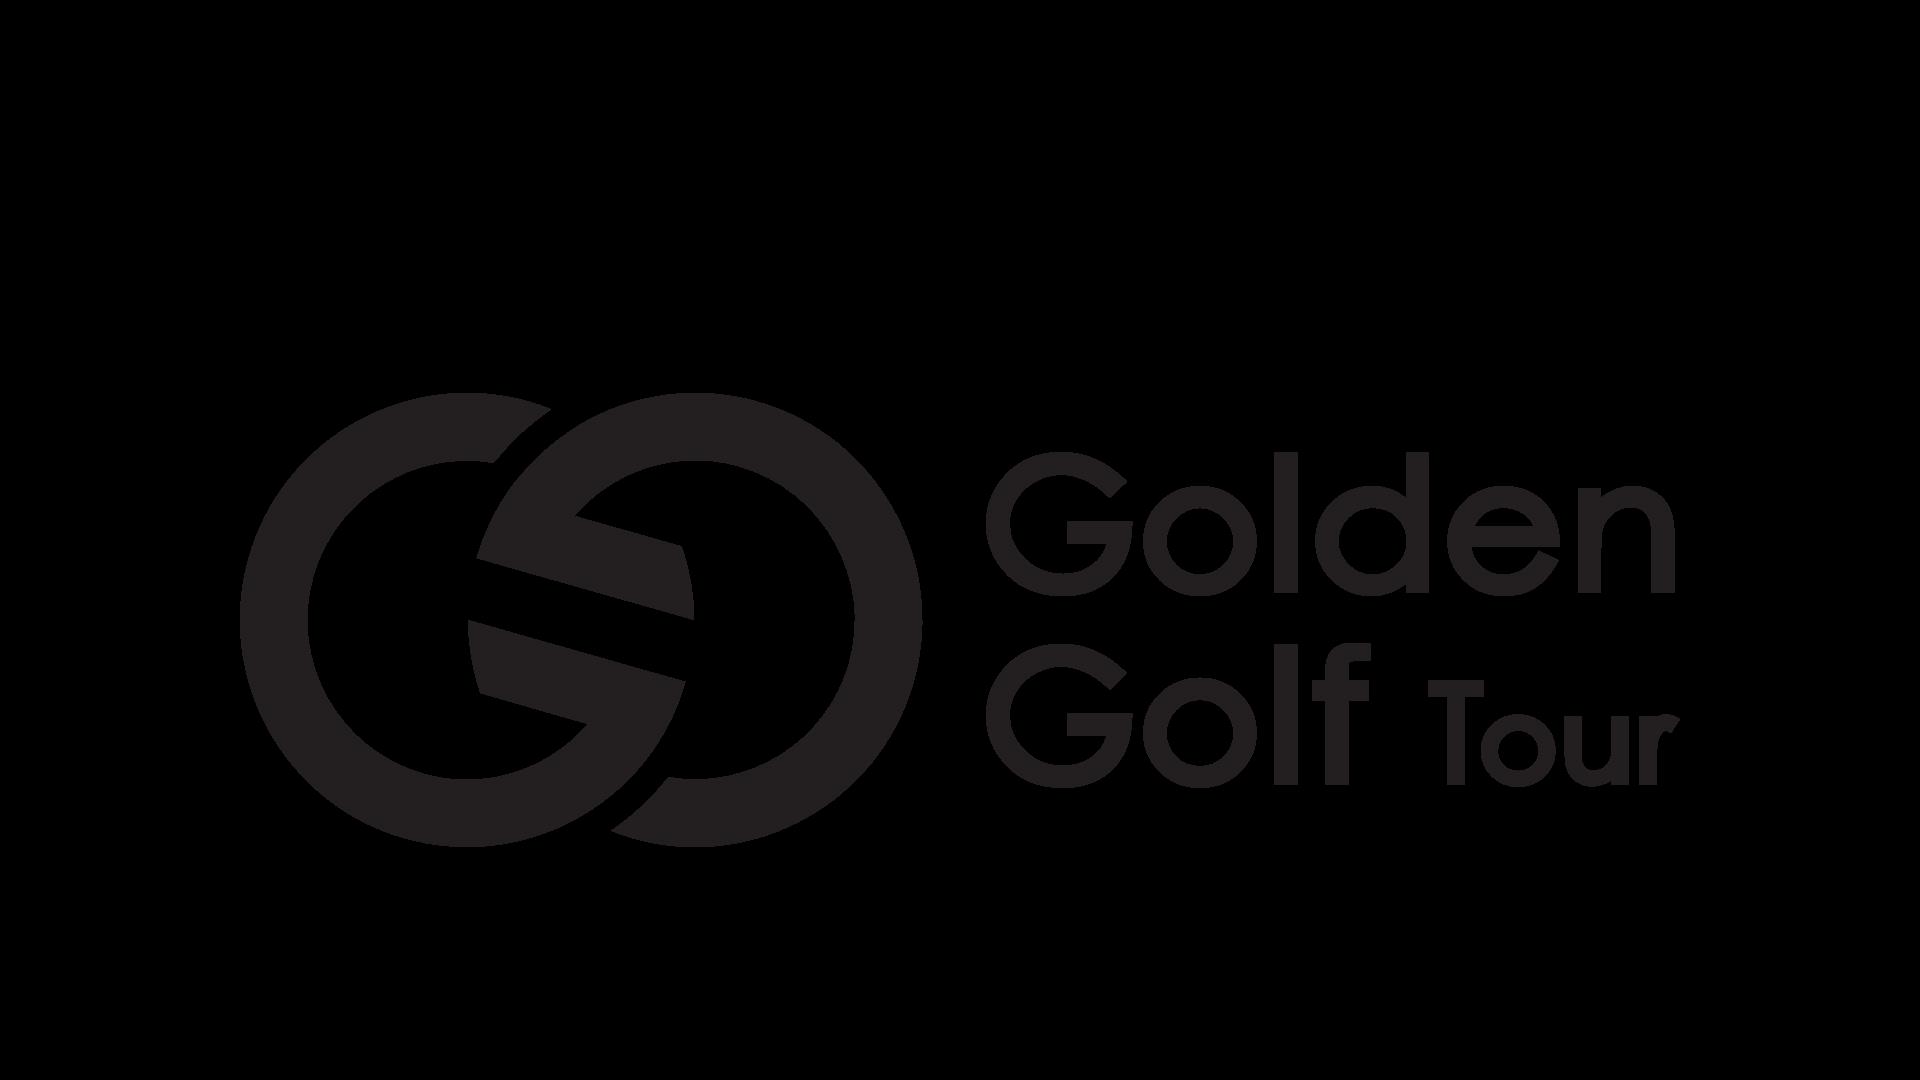 Golden Golf Tour